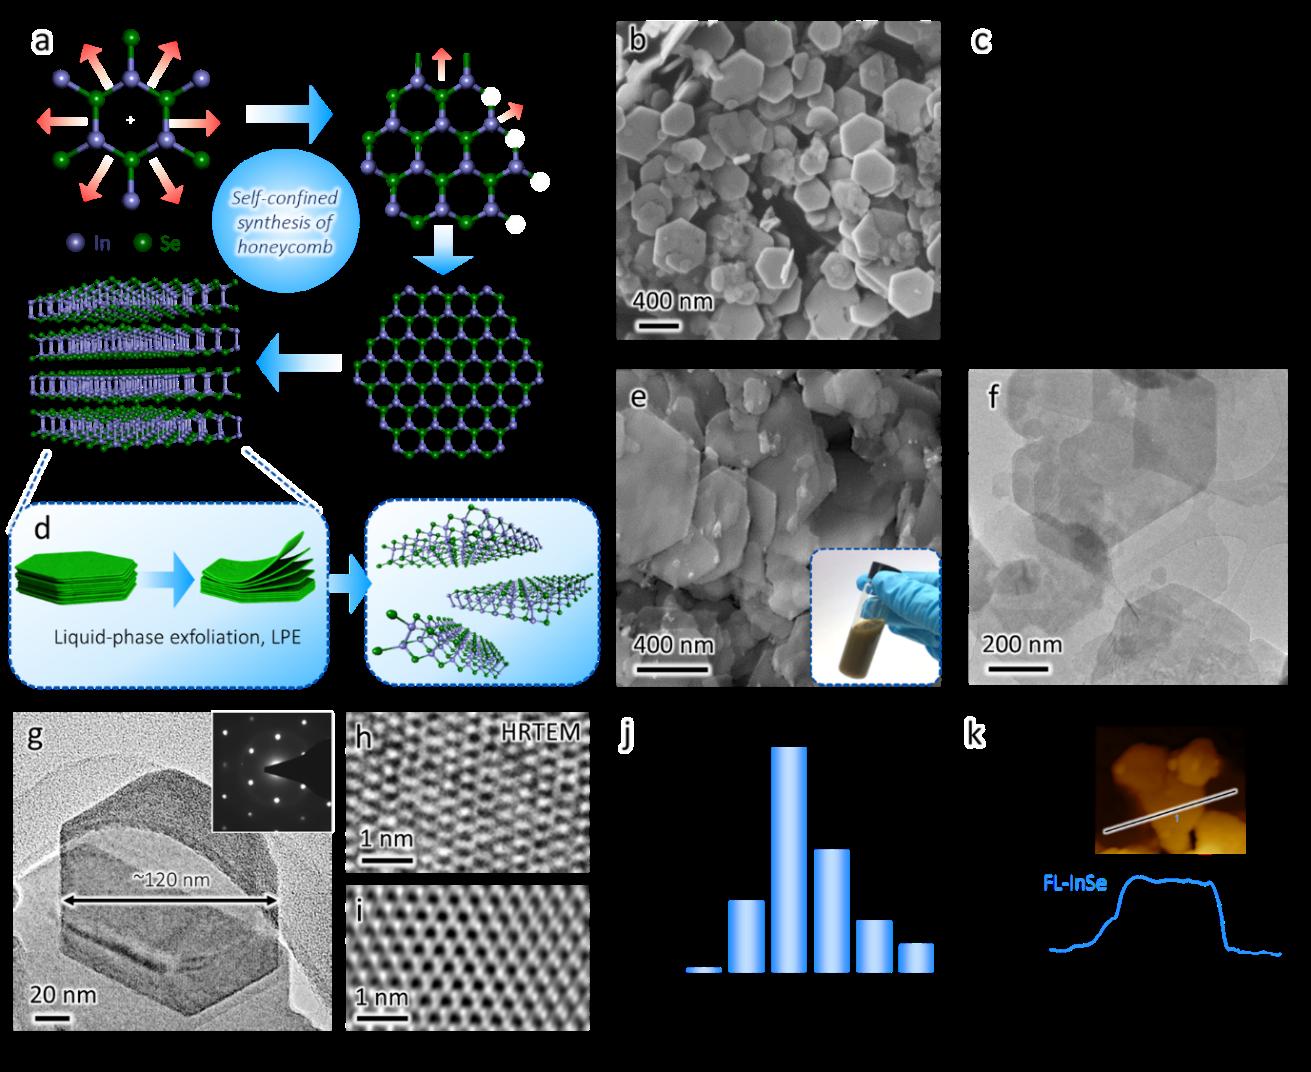 瑞士联邦理工学院材料所张传芳EES:硒化铟墨汁用于锂离子电池负极的储能新机制